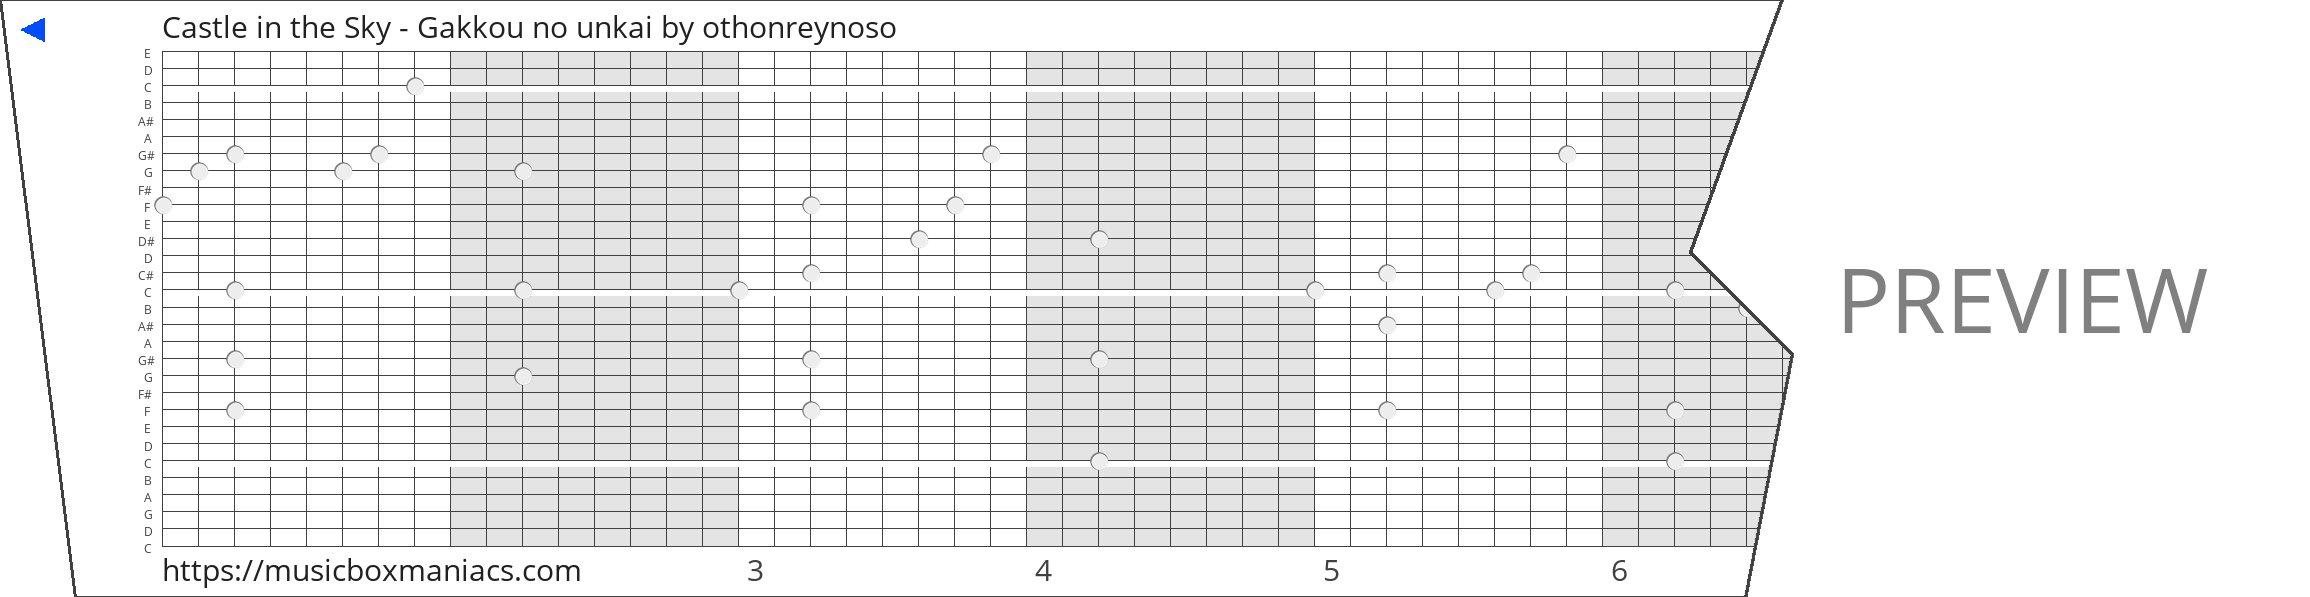 Castle in the Sky - Gakkou no unkai 30 note music box paper strip